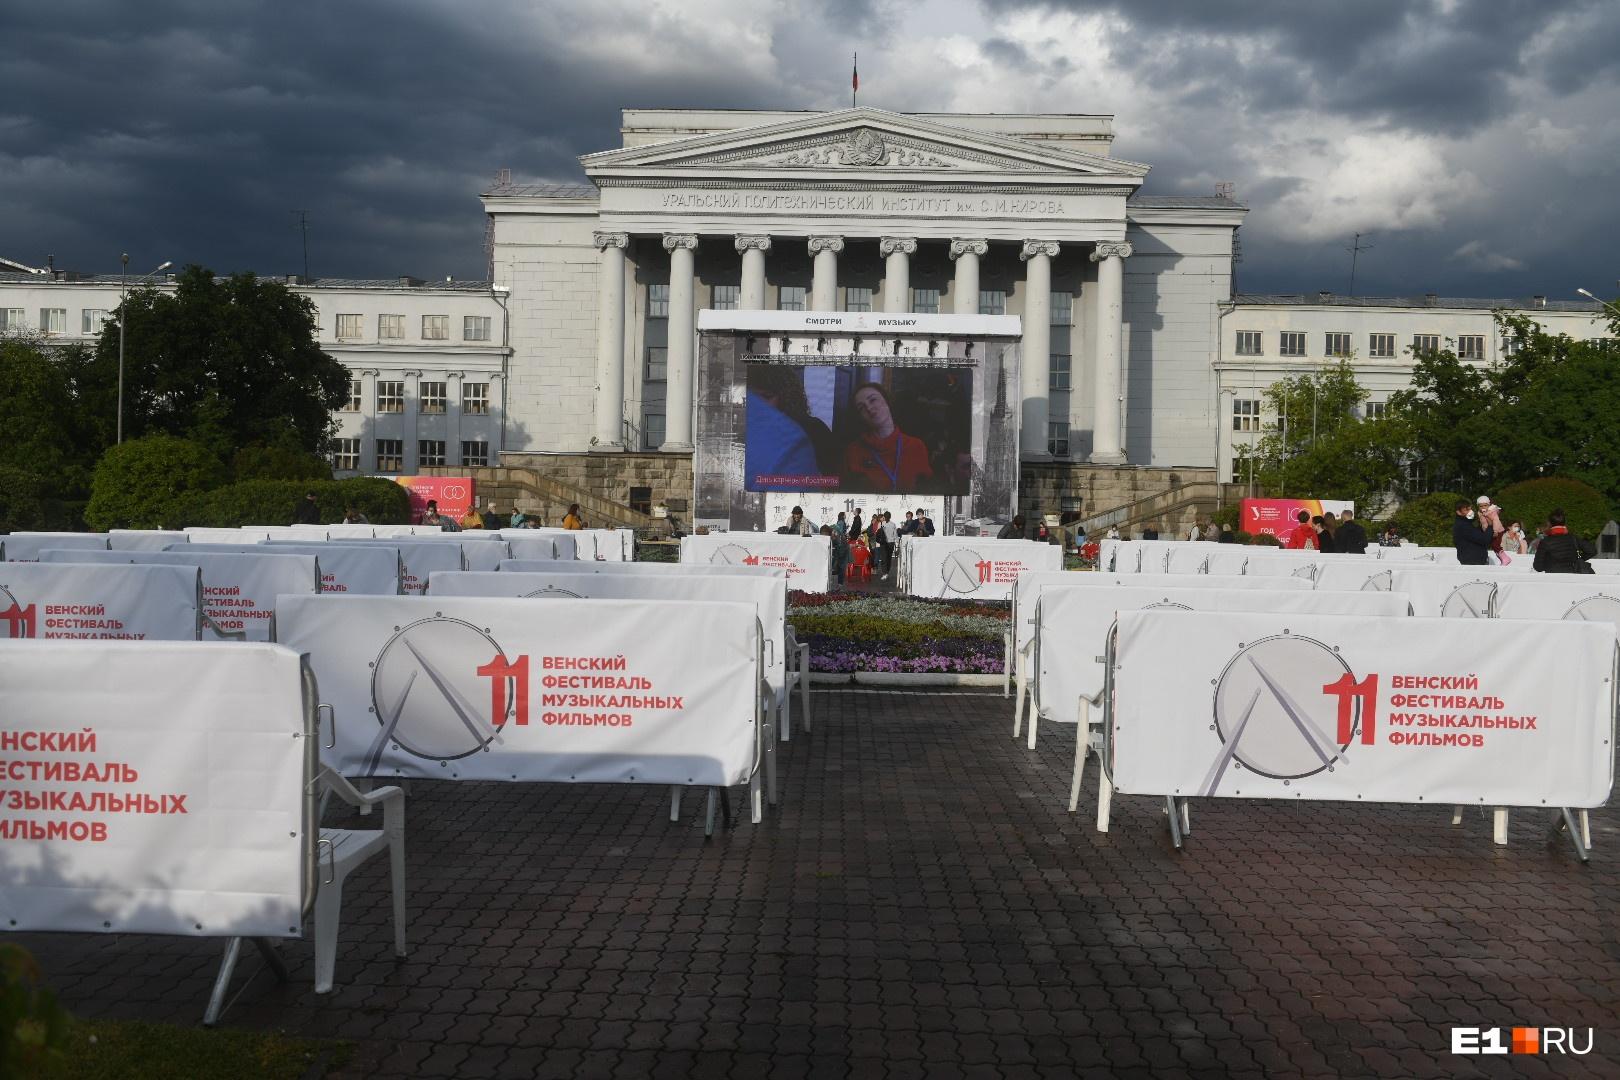 Организаторы установили защитные экраны, чтобы люди точно соблюдали дистанцию